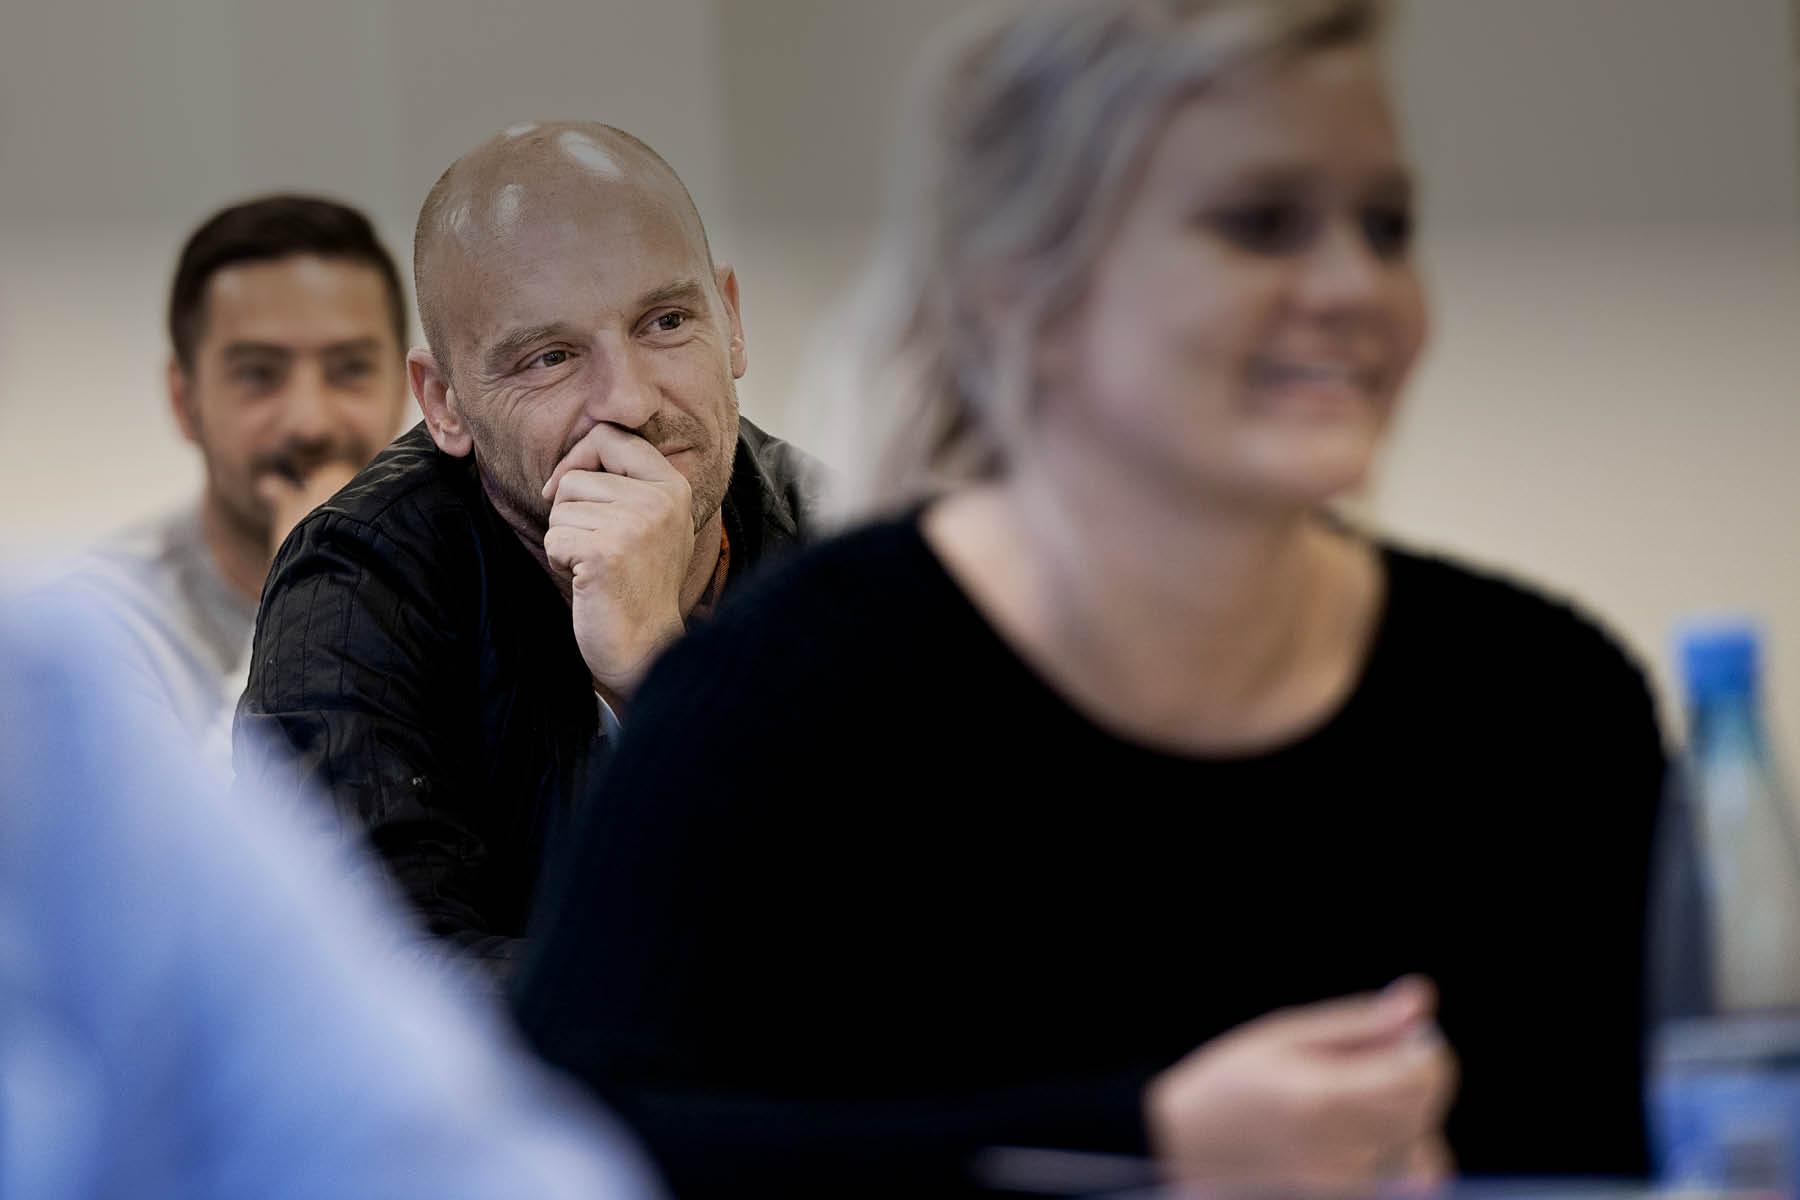 Voksen mand ser tænksom ud i et undervisningslokale